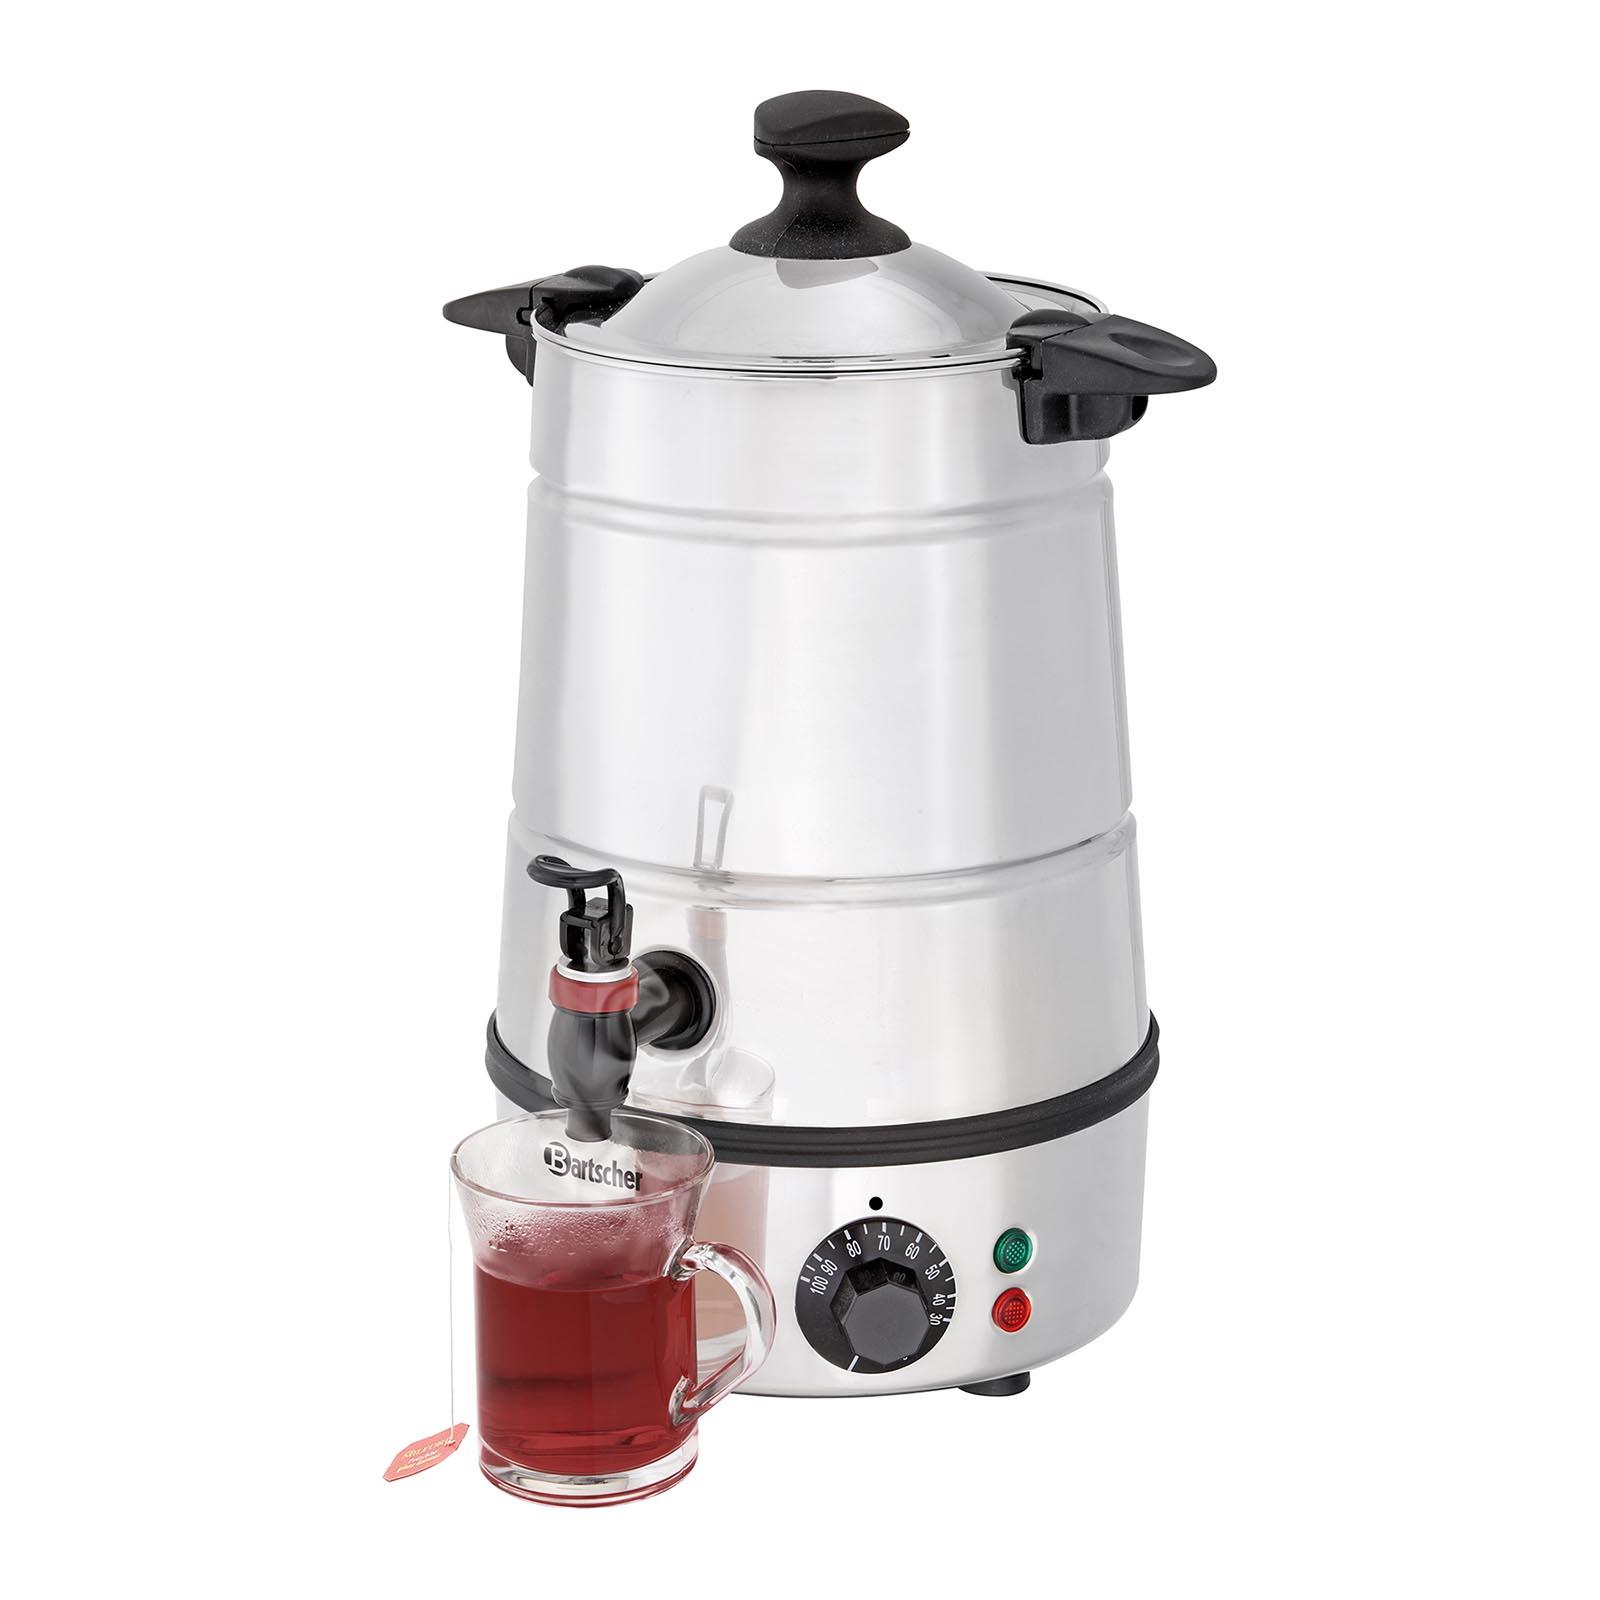 Bartscher Heisswasser-Spender - 5 Liter 10190576